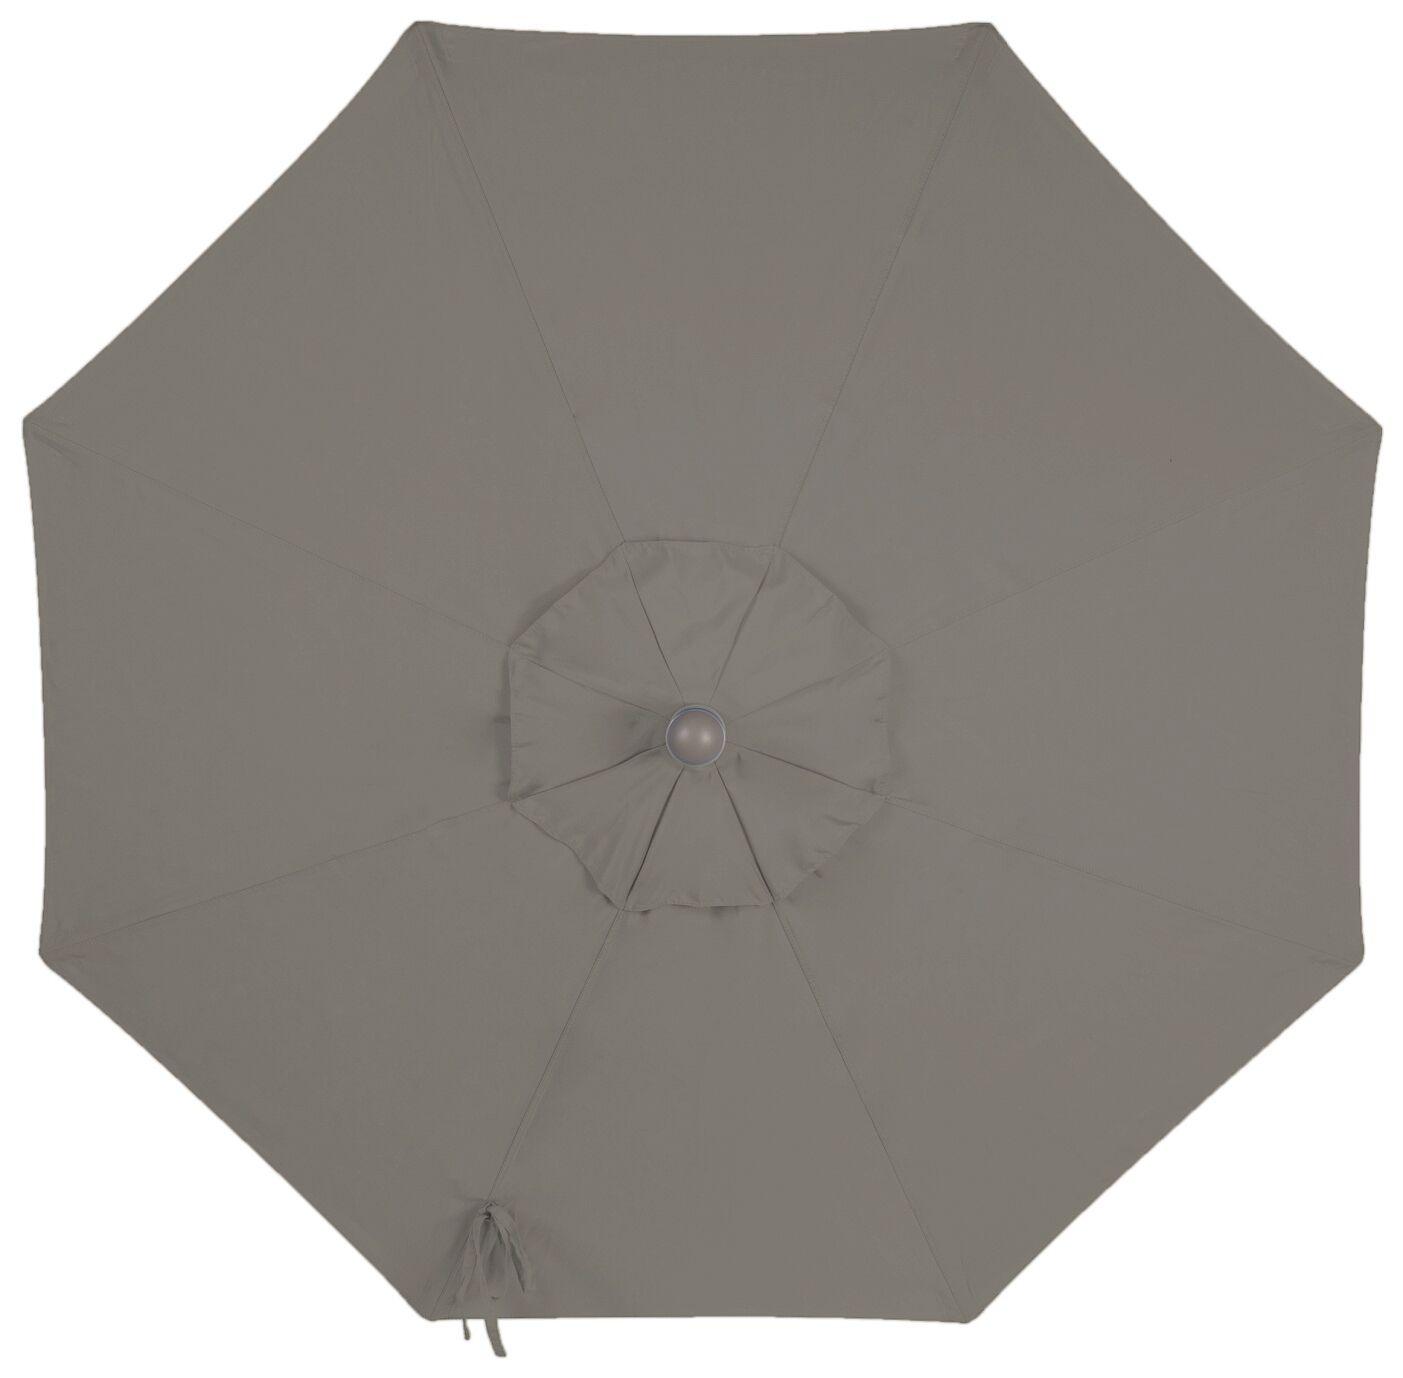 Centeno Double Pulley 9' Market Sunbrella Umbrella Fabric Color: Graphite, Frame Color: Silver Mirror